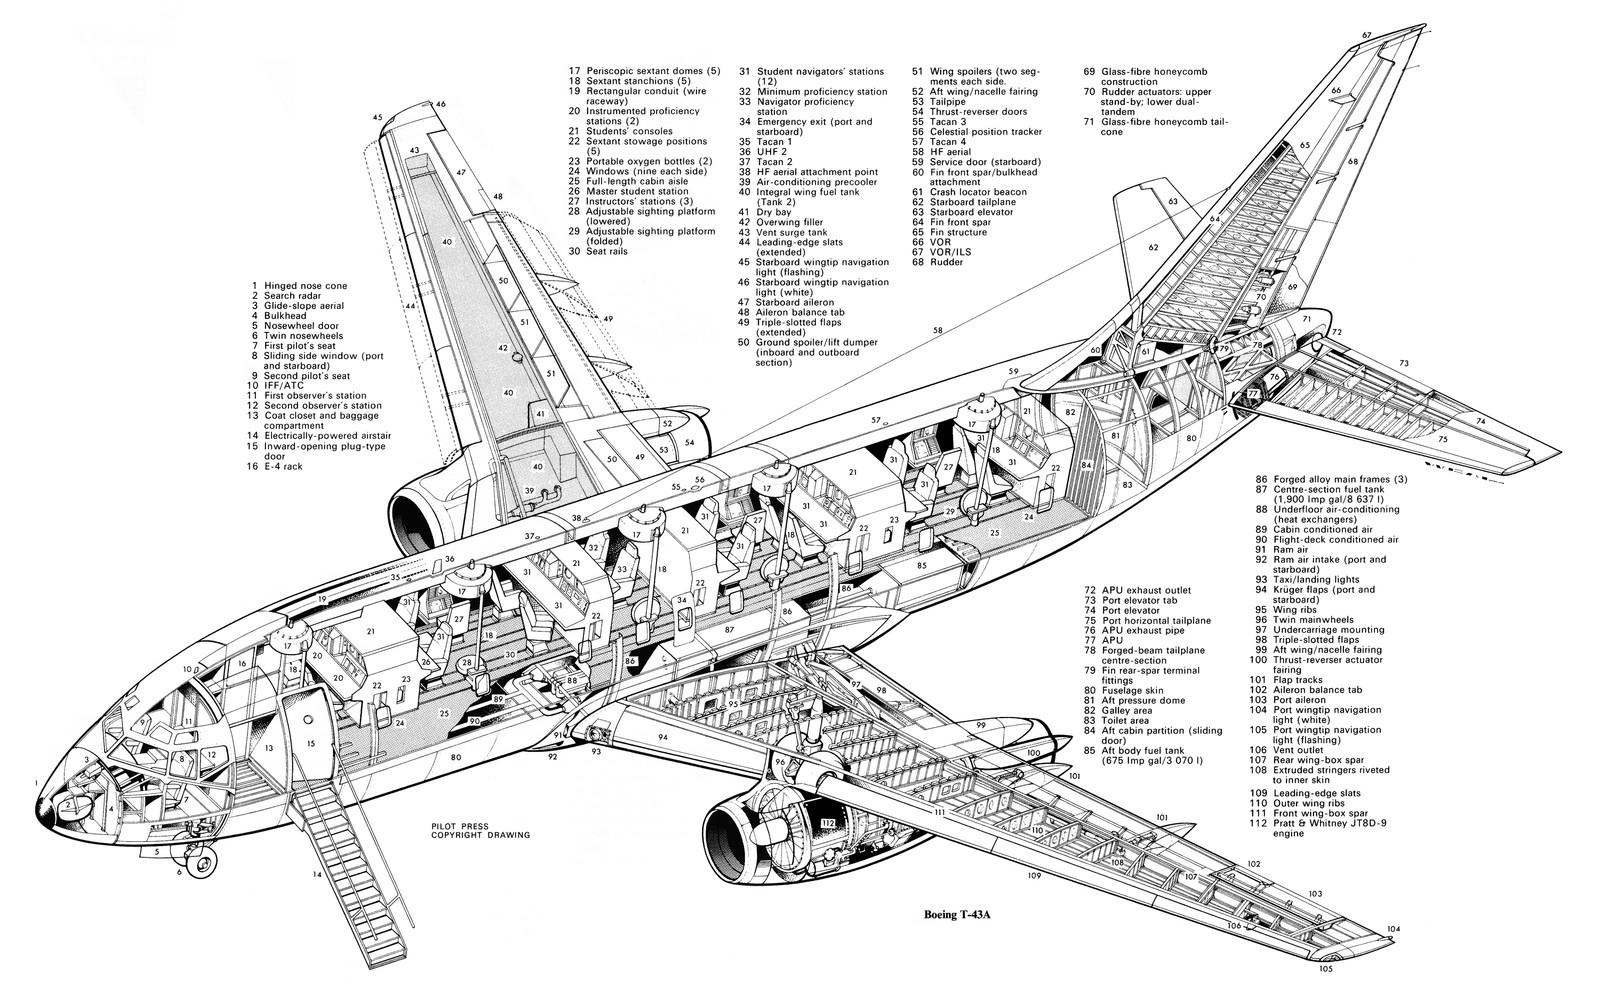 P 51 Mustang Diagram